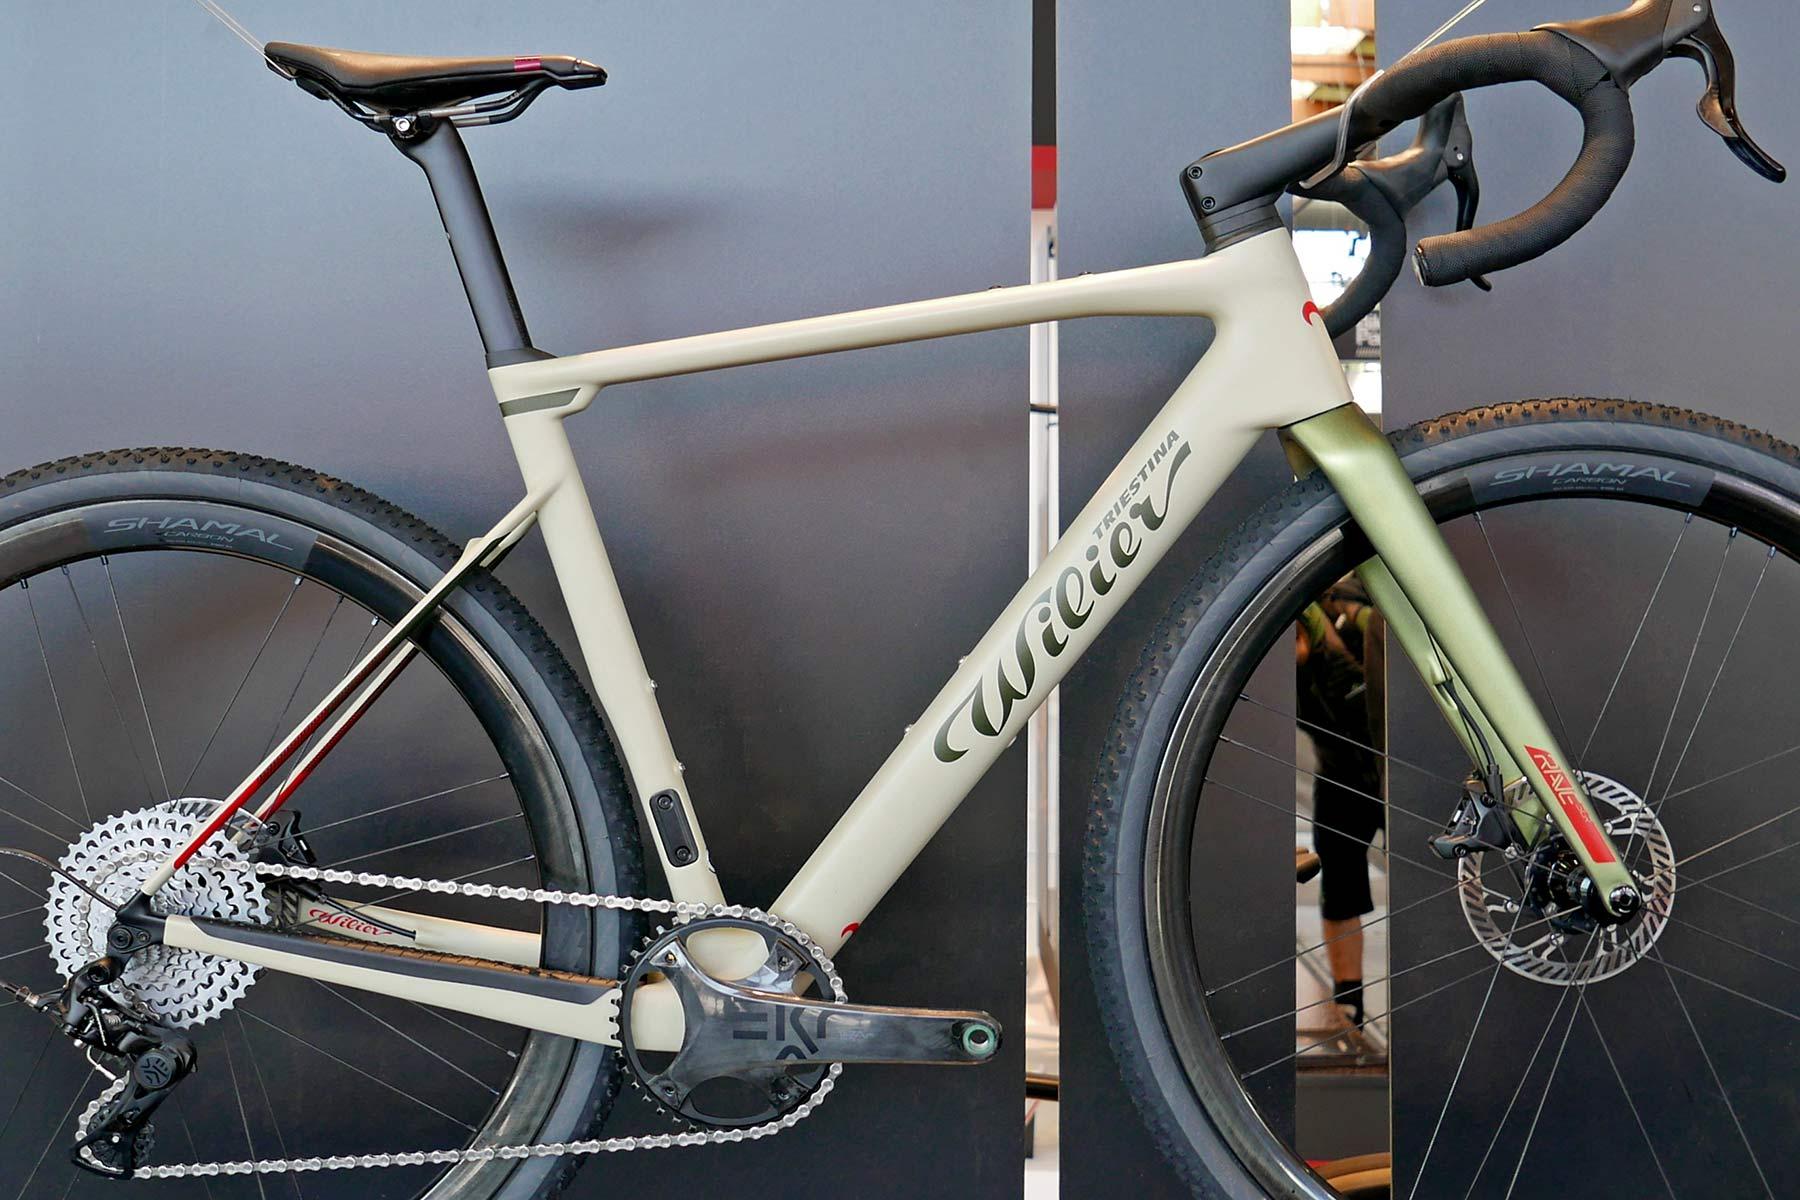 Wilier Rave SLR lightweight carbon all-road gravel bike, frameset